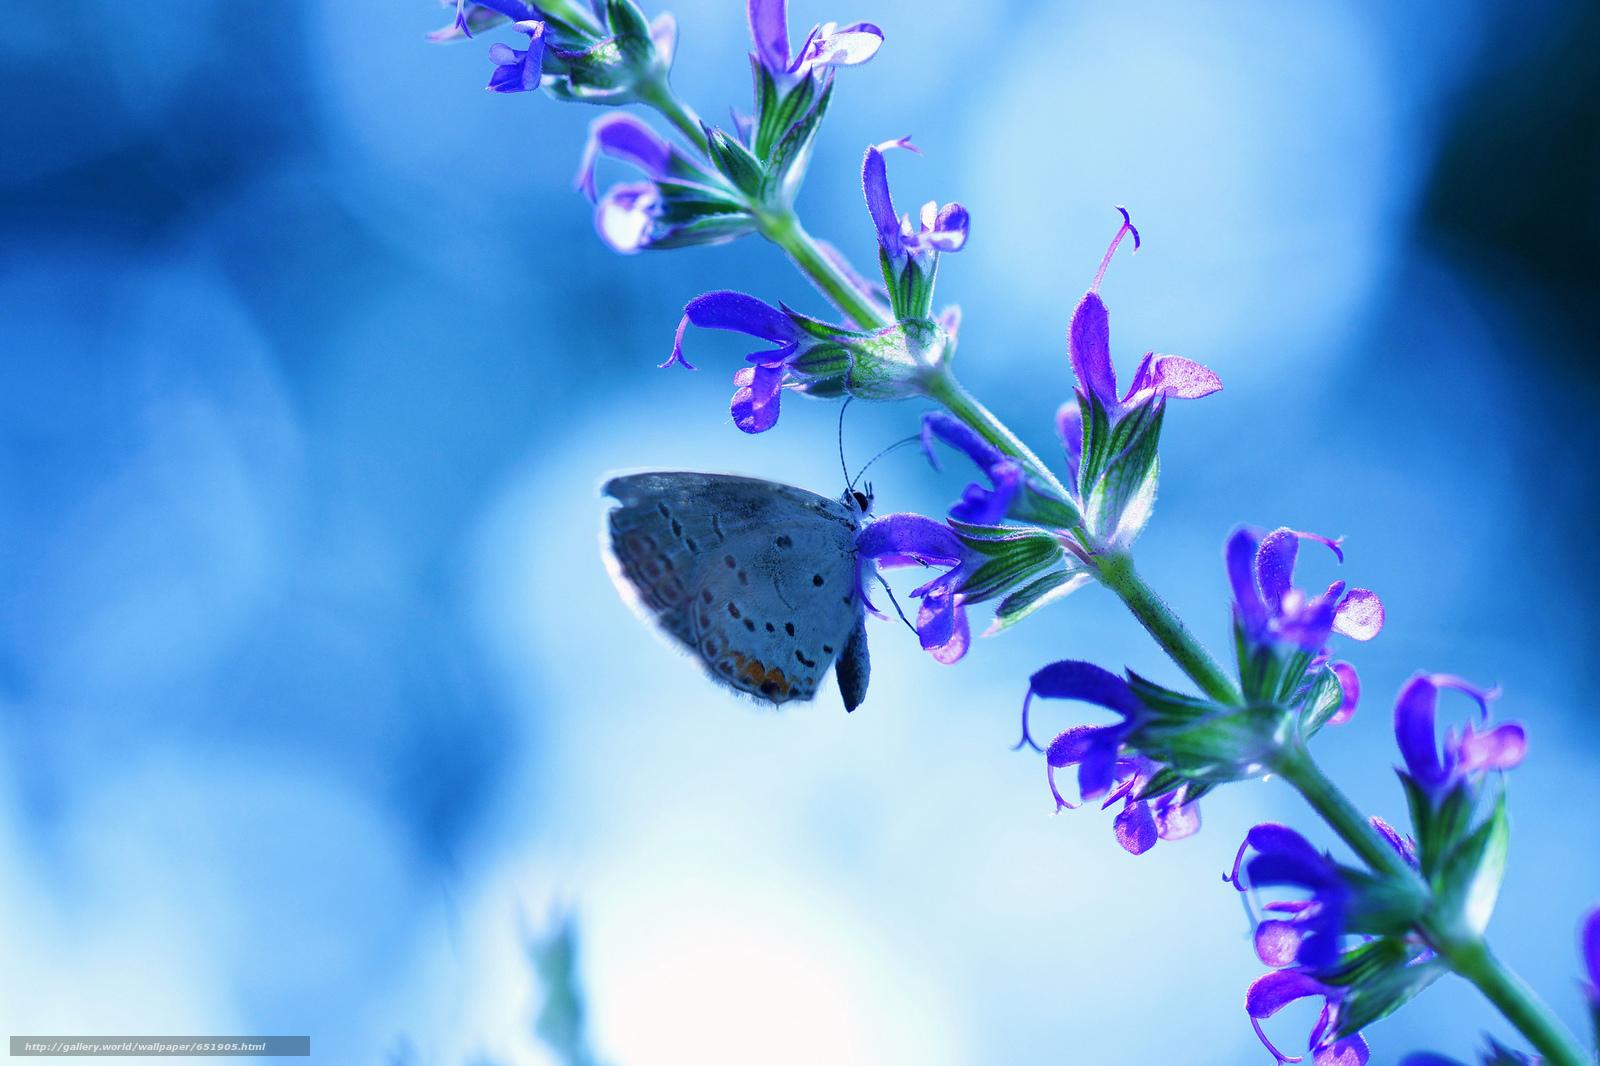 Скачать обои растенте,  цветы,  бабочка,  макро бесплатно для рабочего стола в разрешении 2048x1365 — картинка №651905